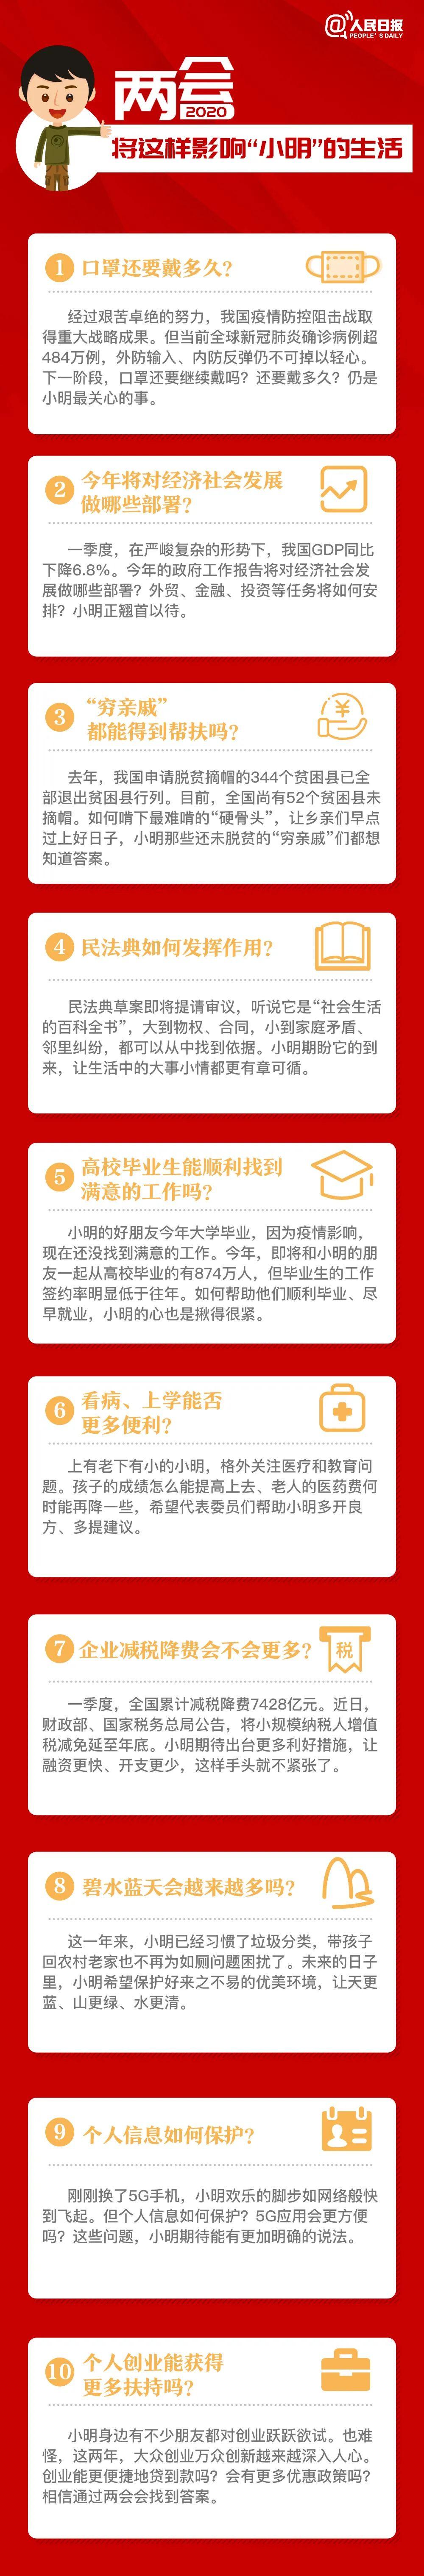 「杏悦平台」会将这样杏悦平台影响小明的生活图片